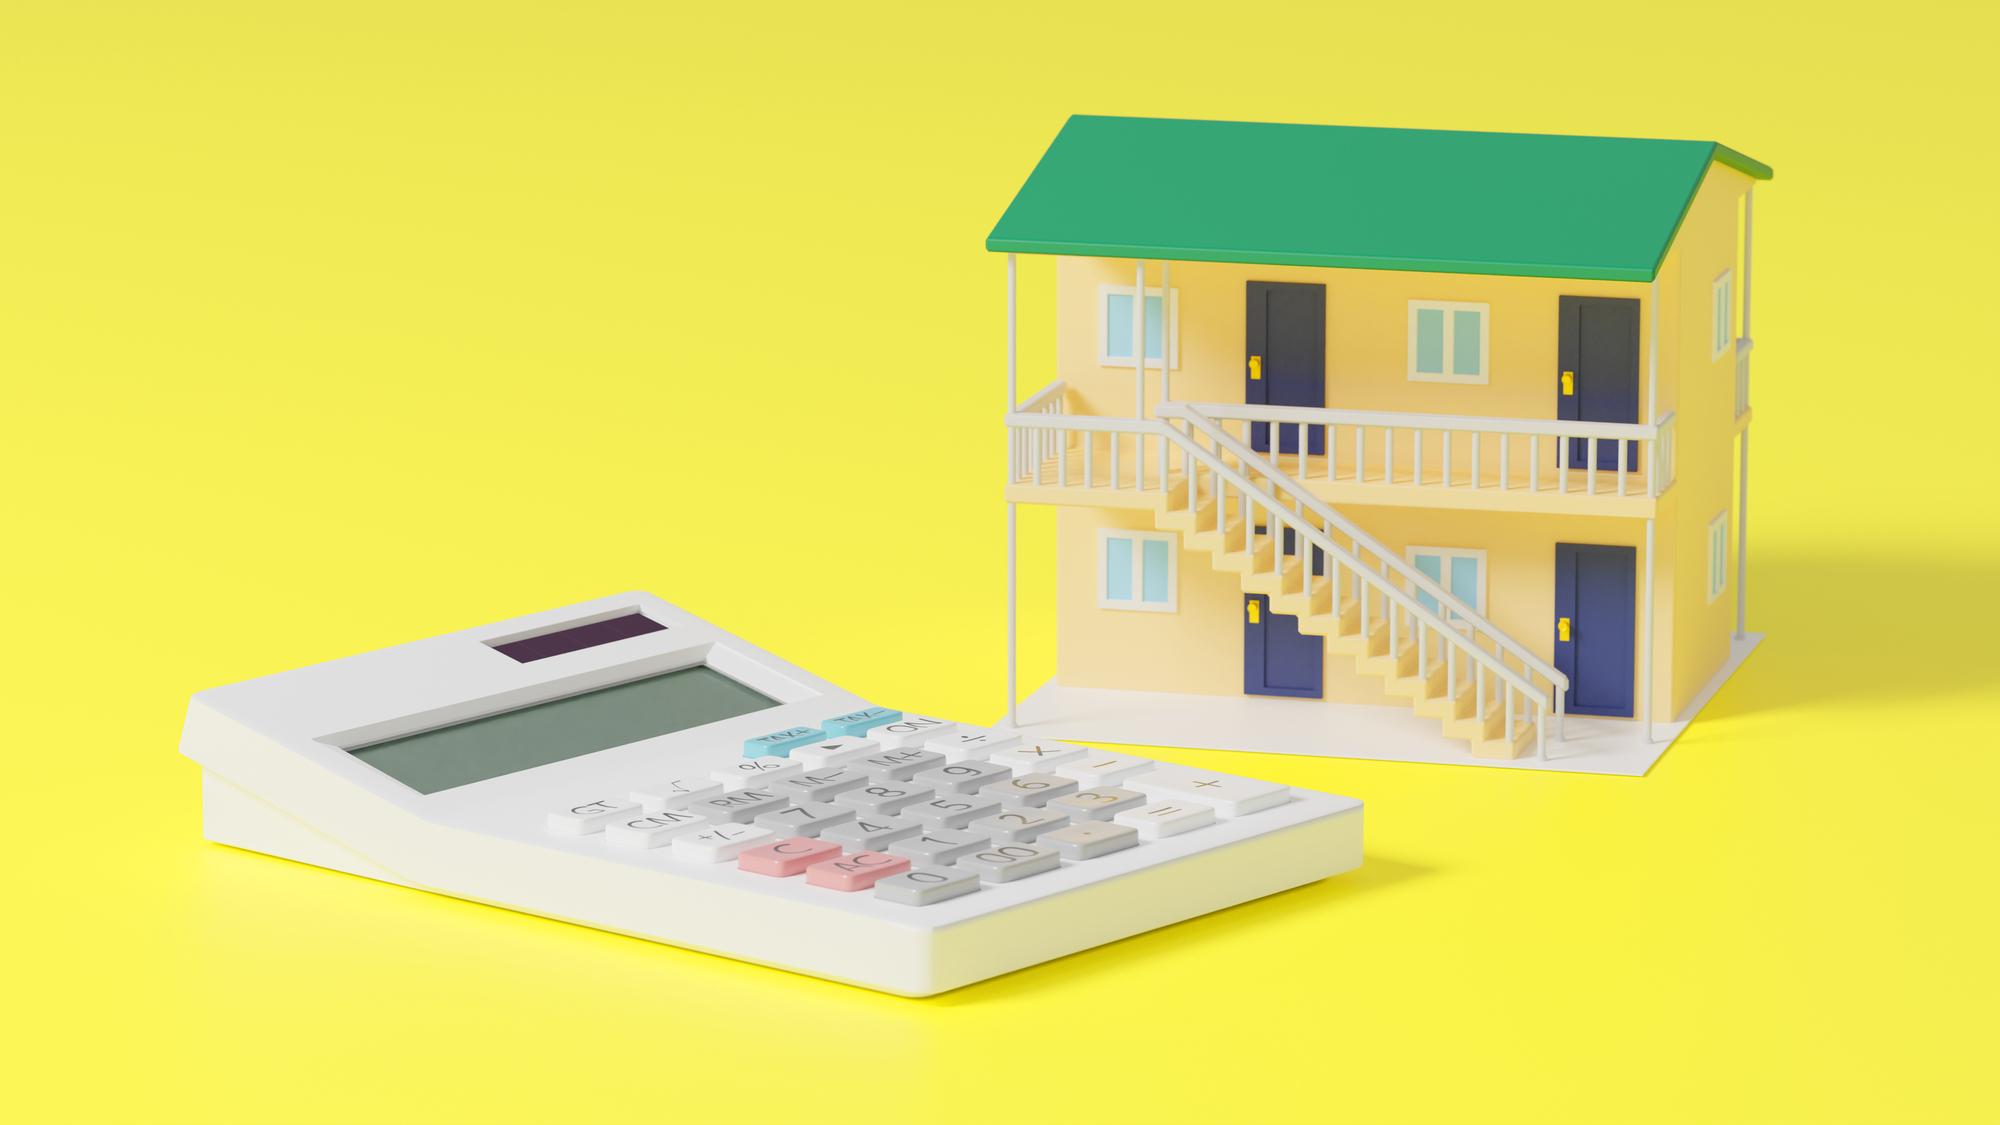 アパートなどを活用する不動産投資のイメージ